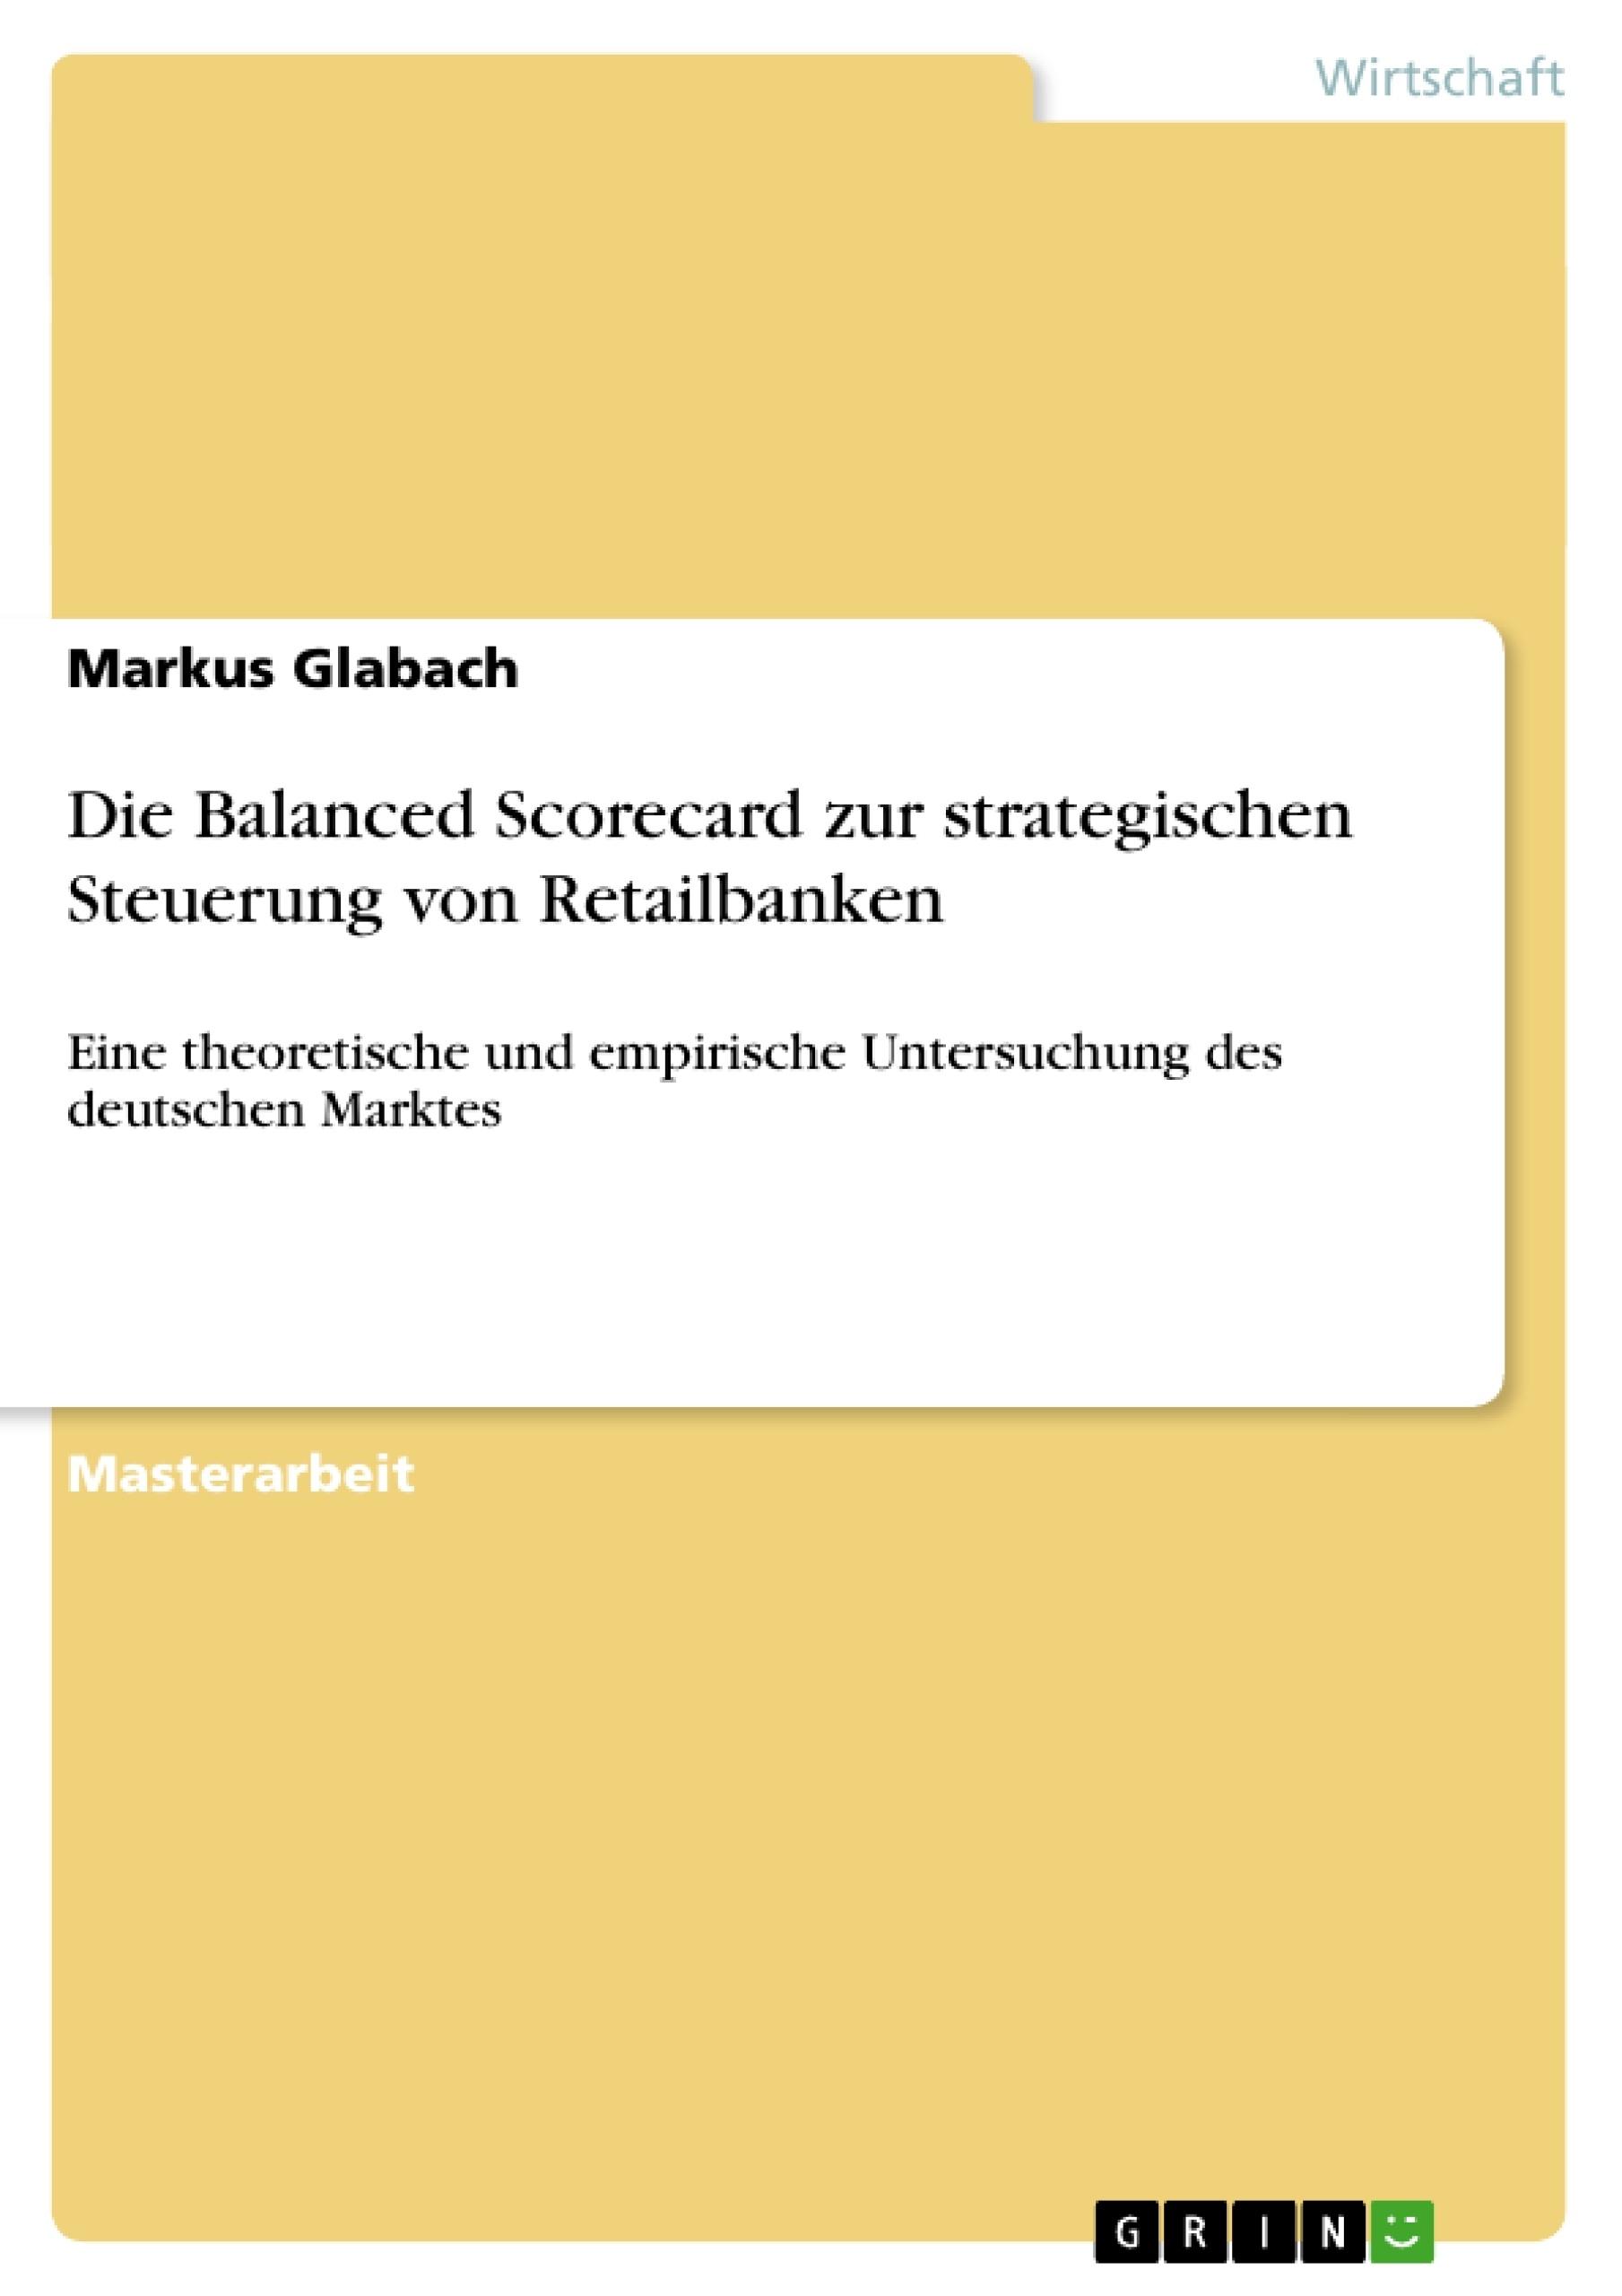 Titel: Die Balanced Scorecard zur strategischen Steuerung von Retailbanken